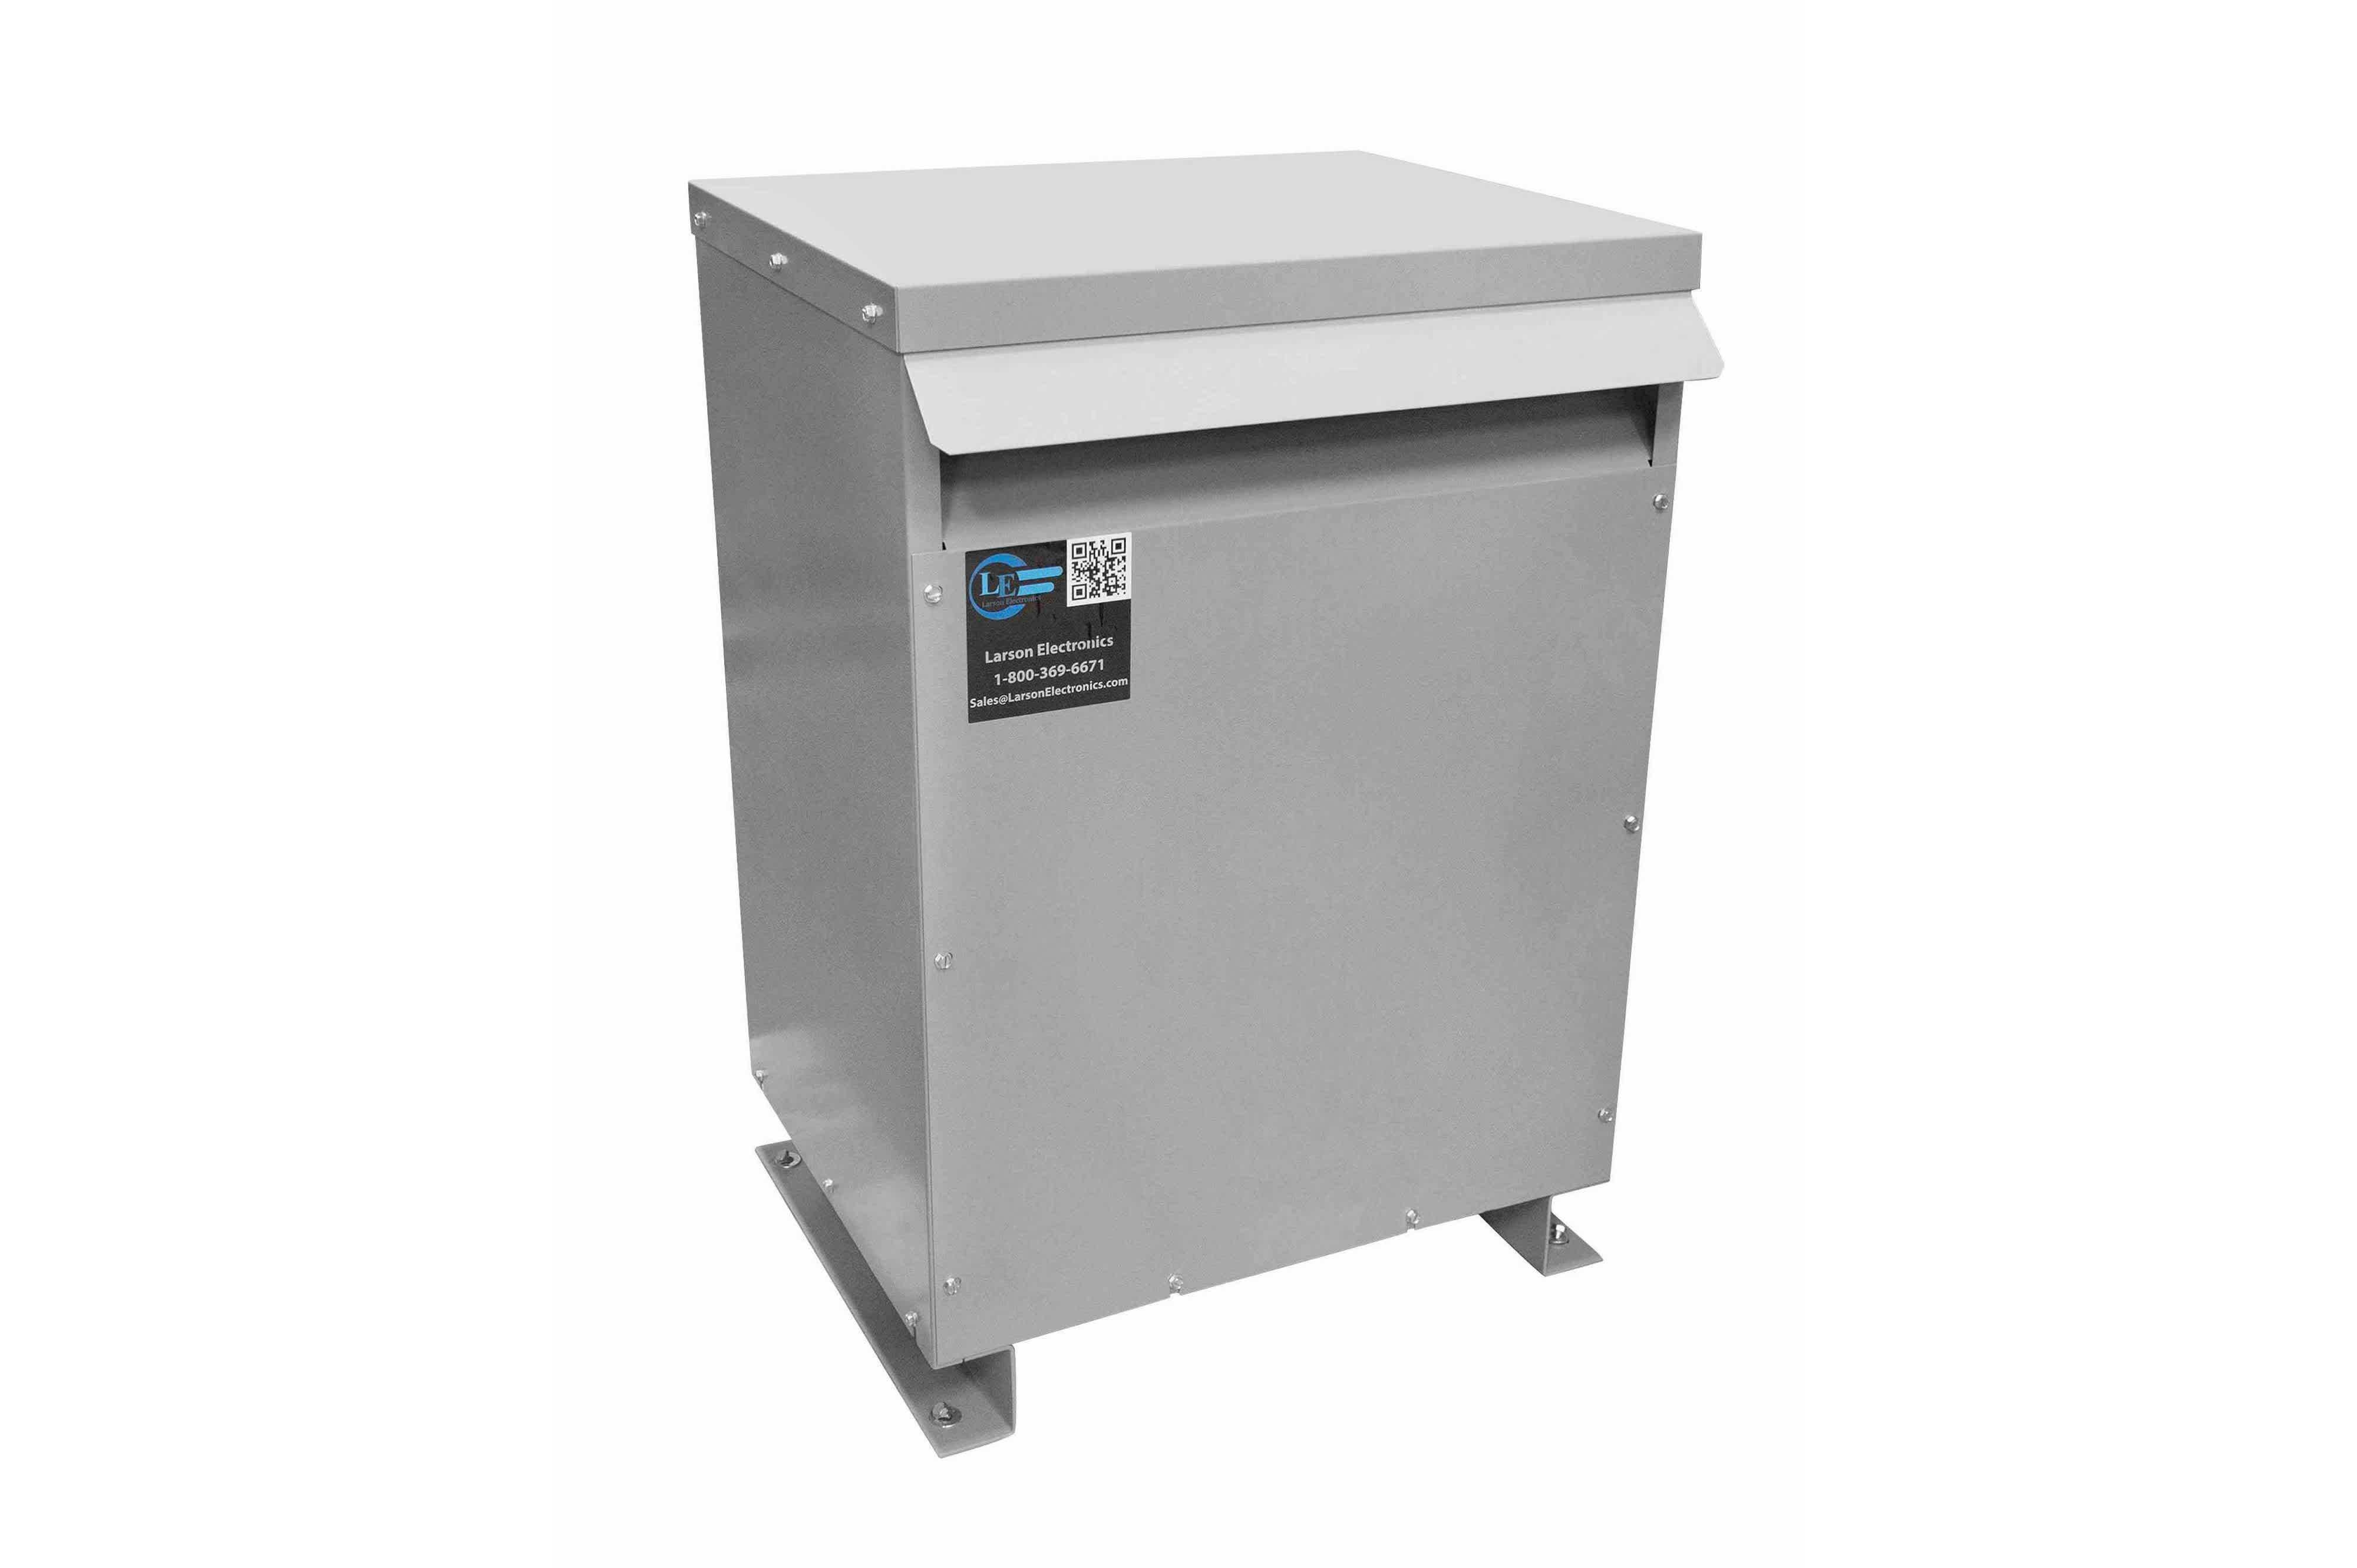 14 kVA 3PH Isolation Transformer, 440V Delta Primary, 240 Delta Secondary, N3R, Ventilated, 60 Hz